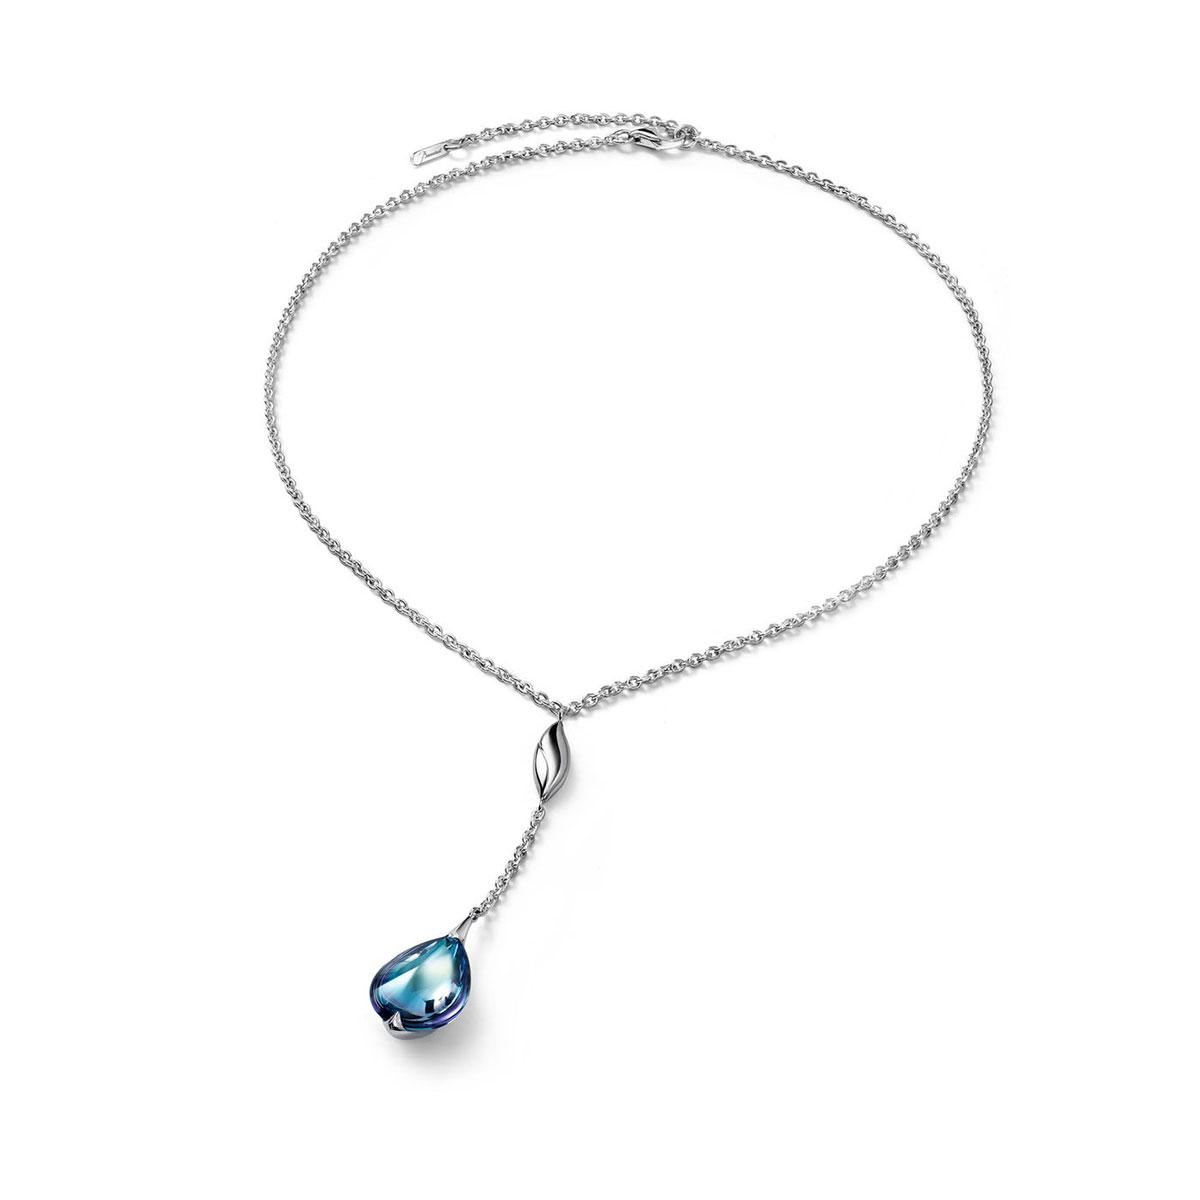 Baccarat Crystal Fleur De Psydelic Aqua Blue Mirror Silver Pendant Necklace